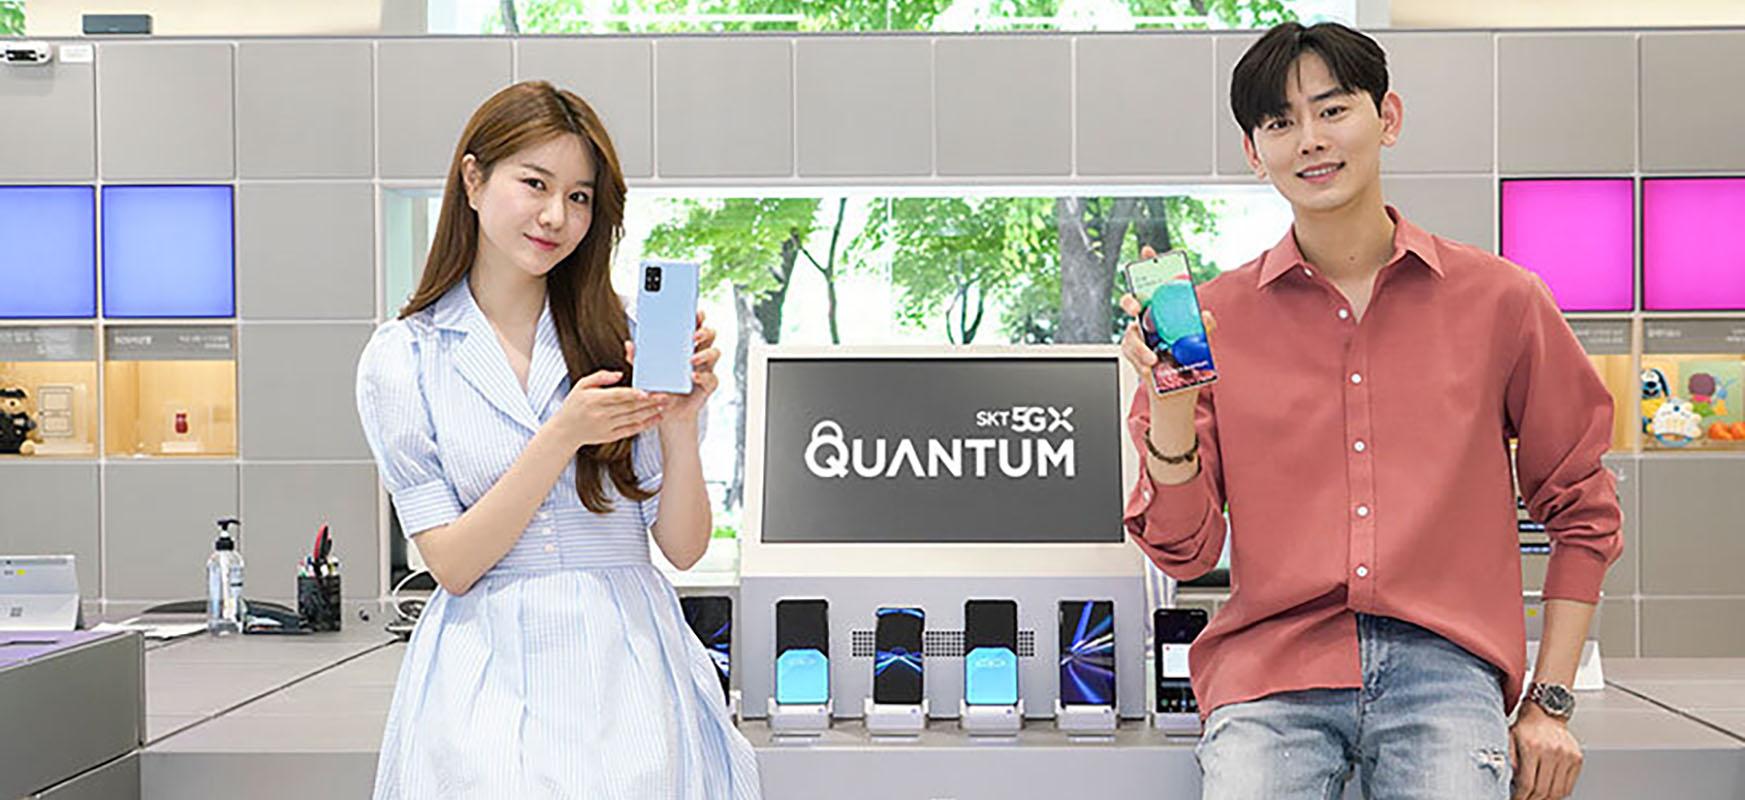 Hau Samsung da Galaxy Eta Quantum.  Prozesatzaile kuantikoa duen smartphone bat lehenengo dendetara joan zen